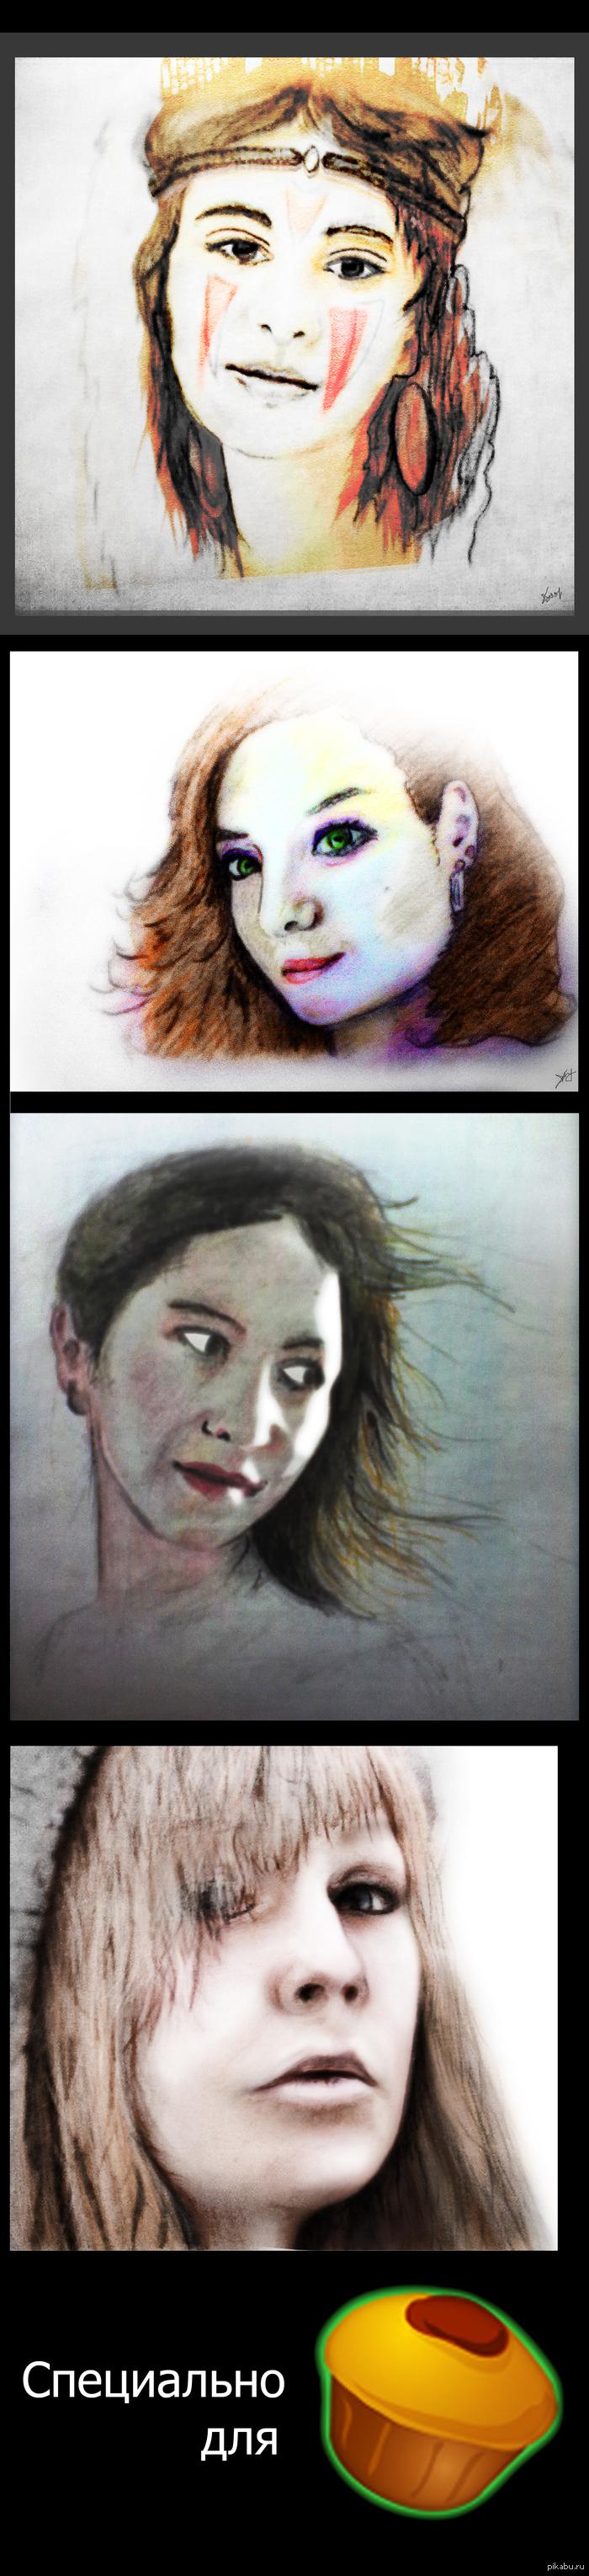 Портретики Не так давно начал рисовать. В художки не ходил, грамоты не знаю. Как вам? Стоит продолжать или не стоит?